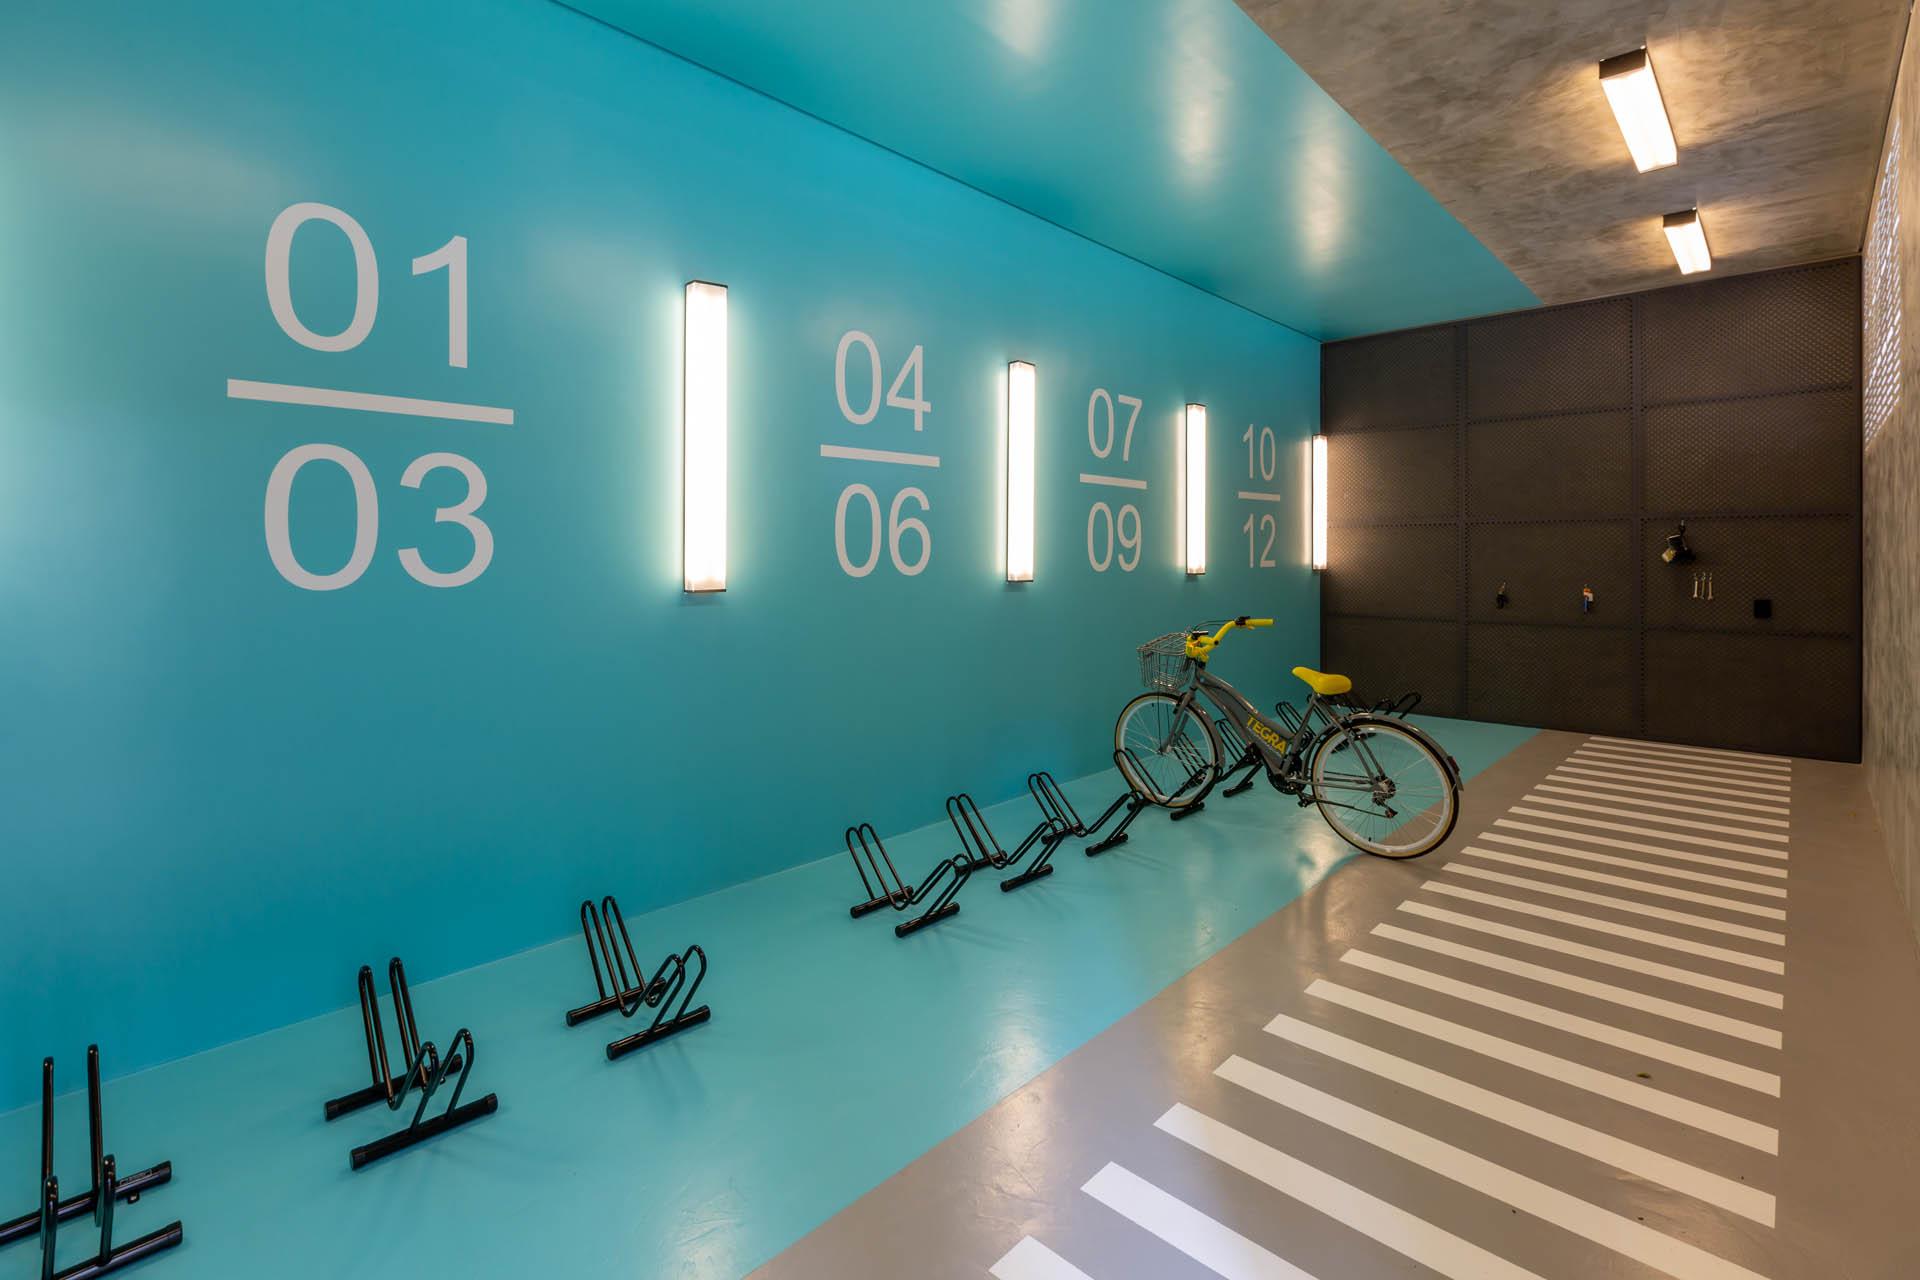 Foto do bicicletário Grand One